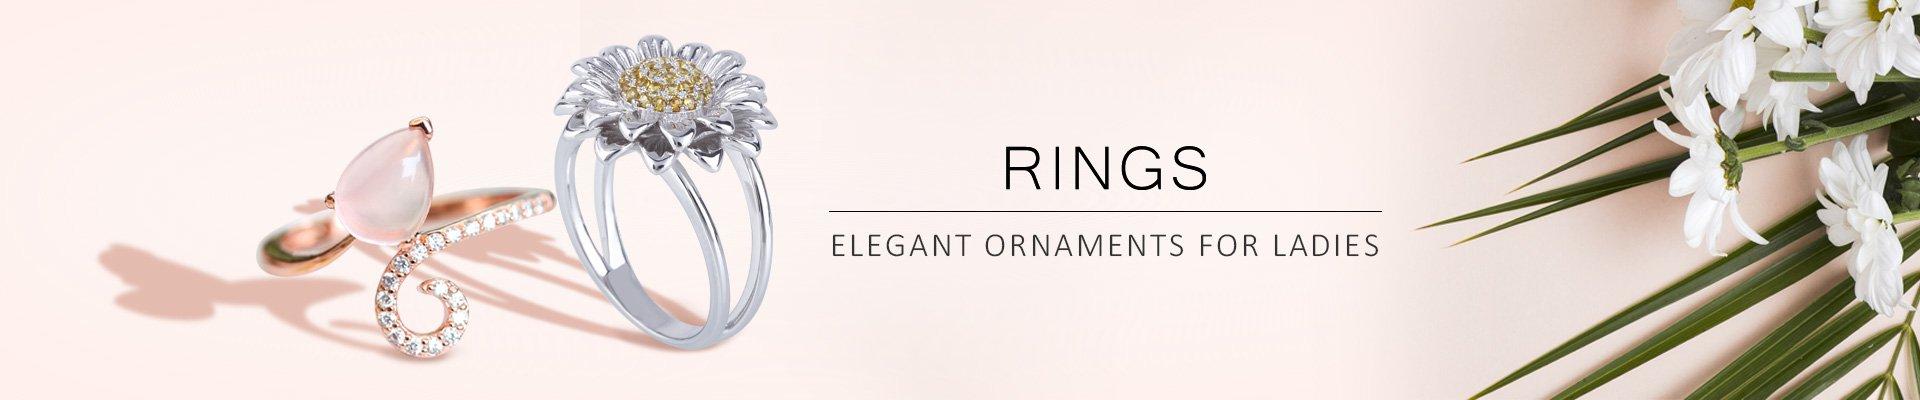 ladies-ringsbanner.jpg